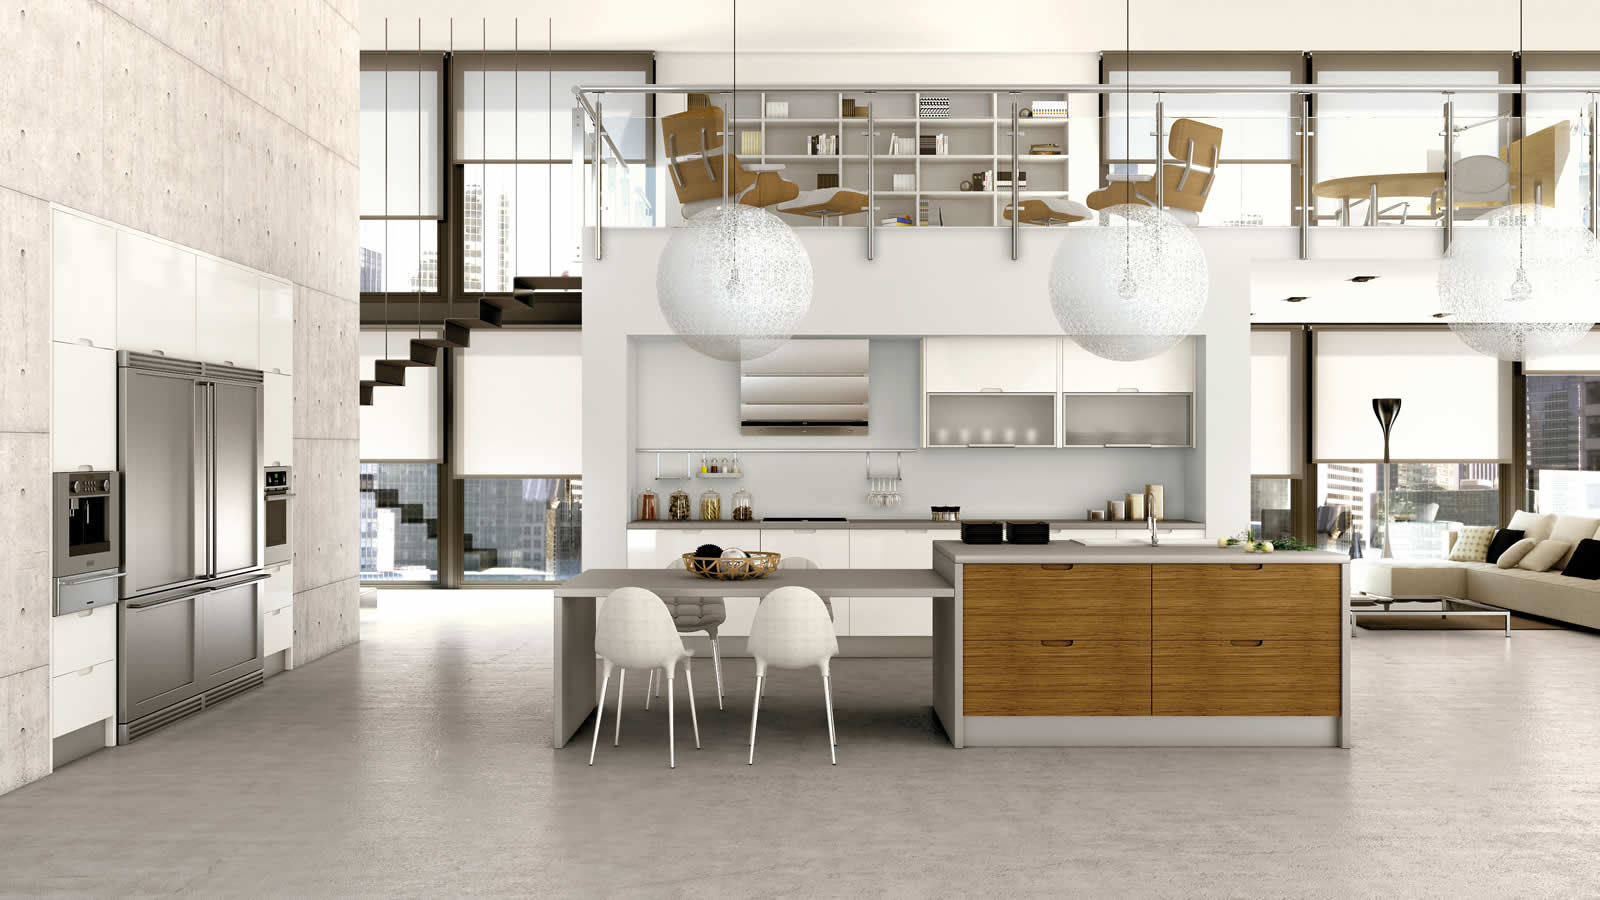 Muebles de cocina en lacado blanco y madera - Cocinas modernas minimalistas ...